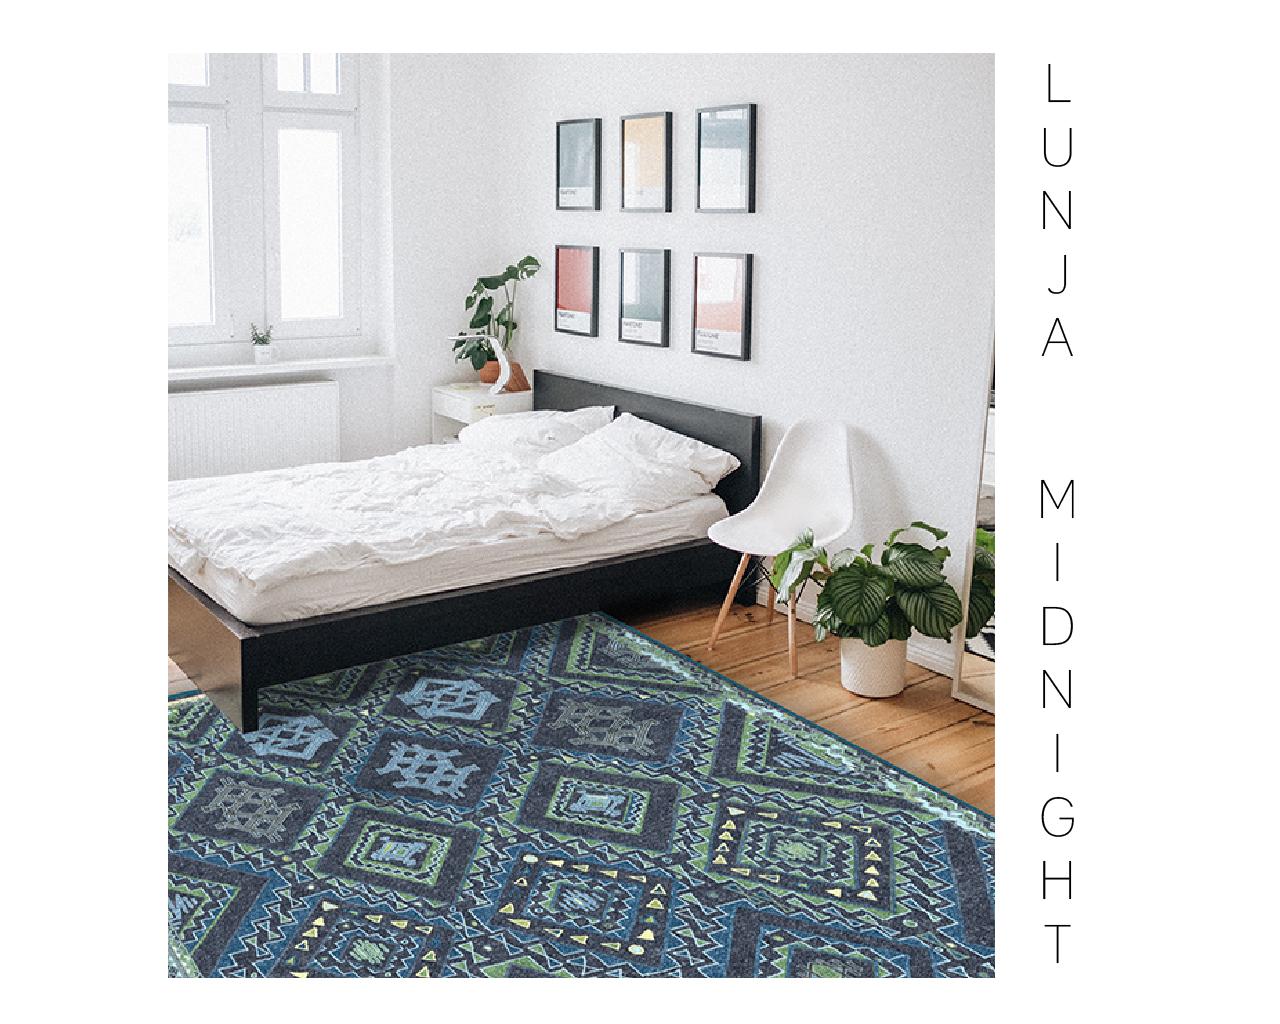 Lunja blue diamond Moroccan rug